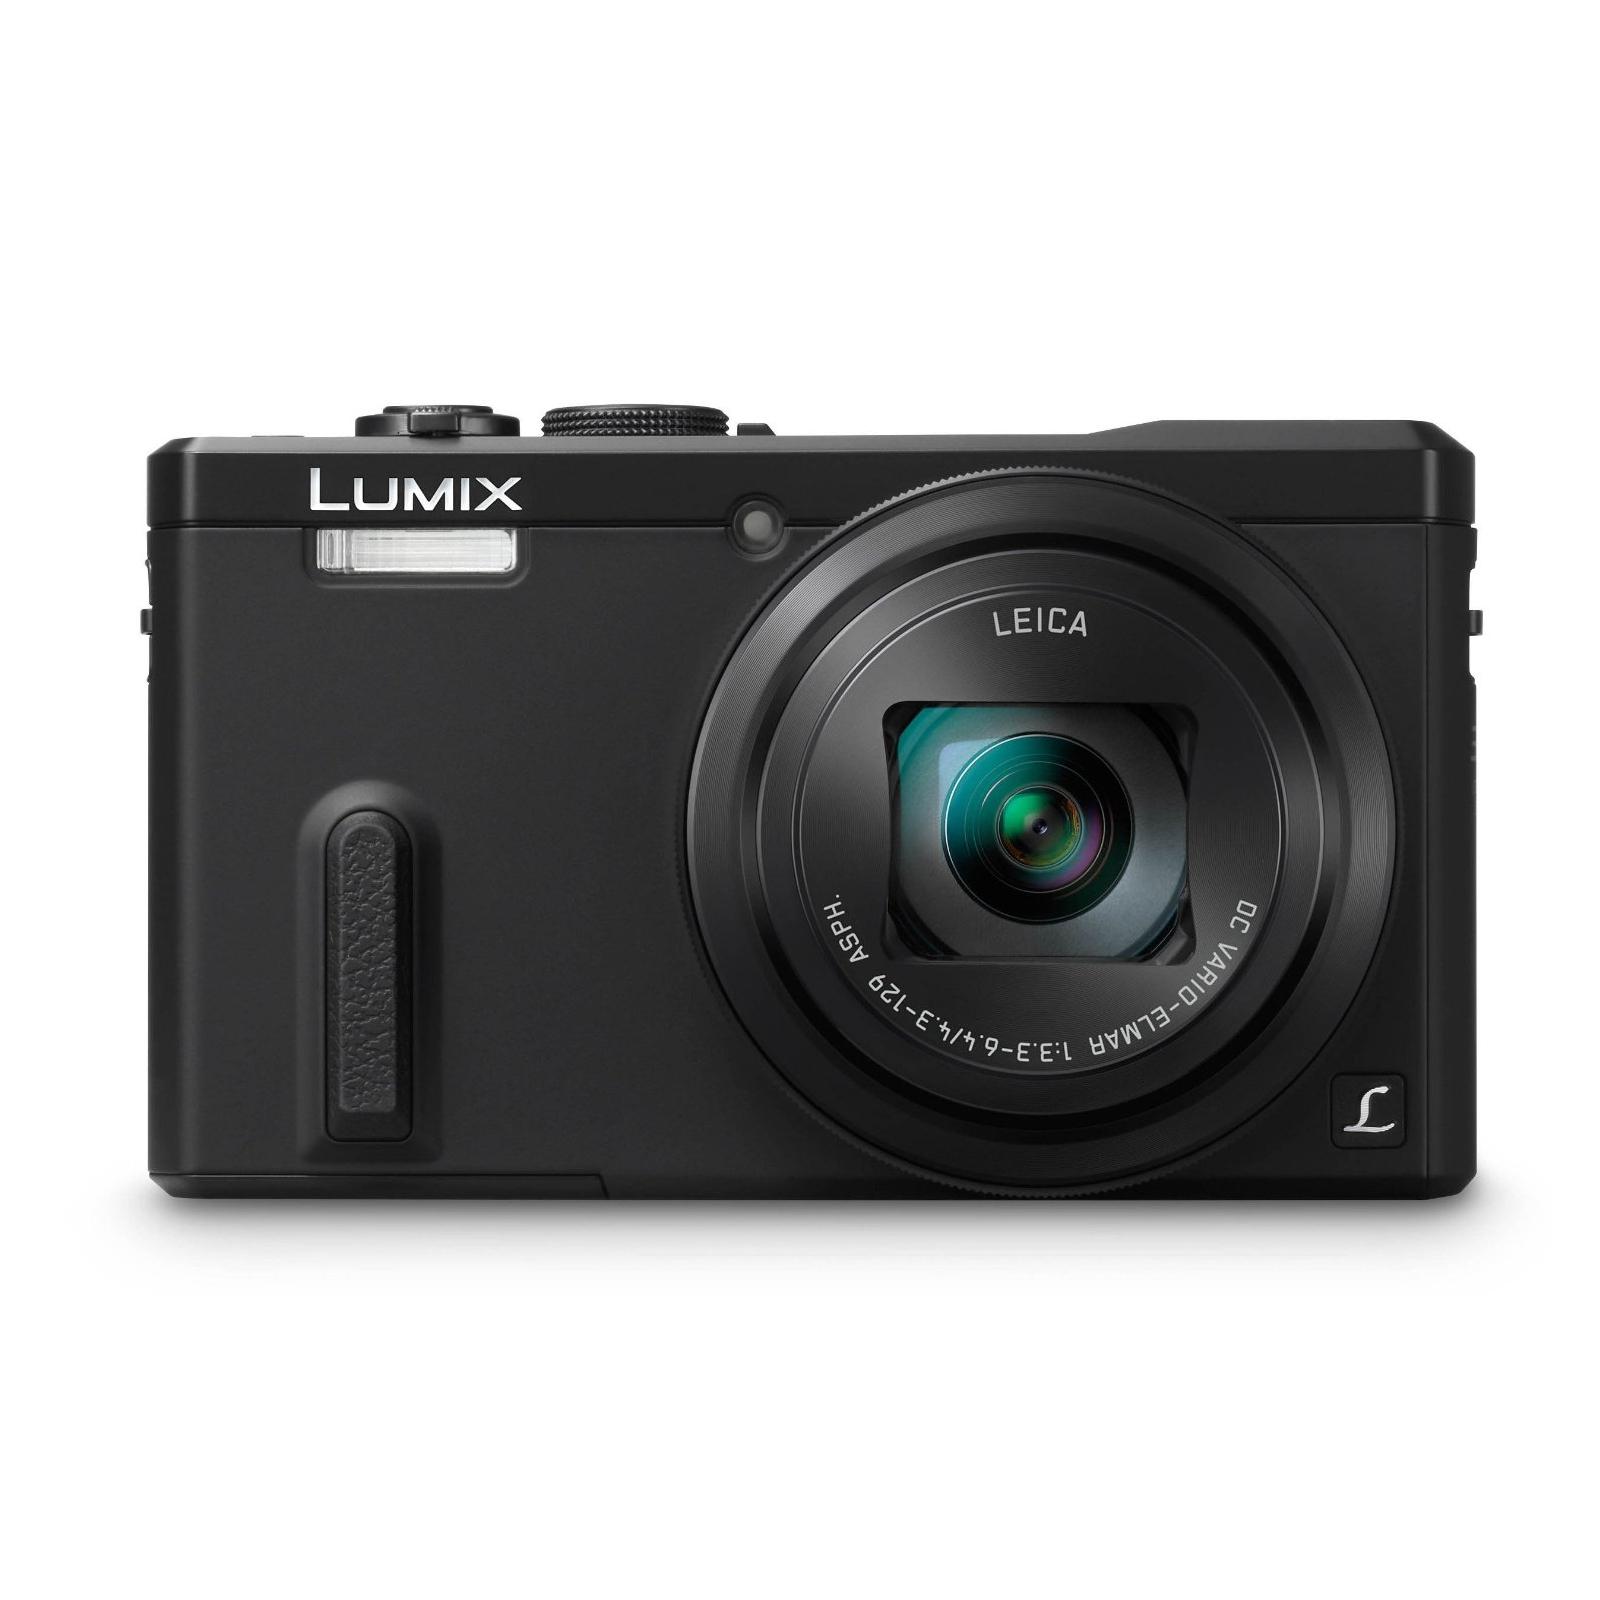 Цифровой фотоаппарат PANASONIC Lumix DMC-TZ60EE-K (DMC-TZ60EE-K) изображение 2